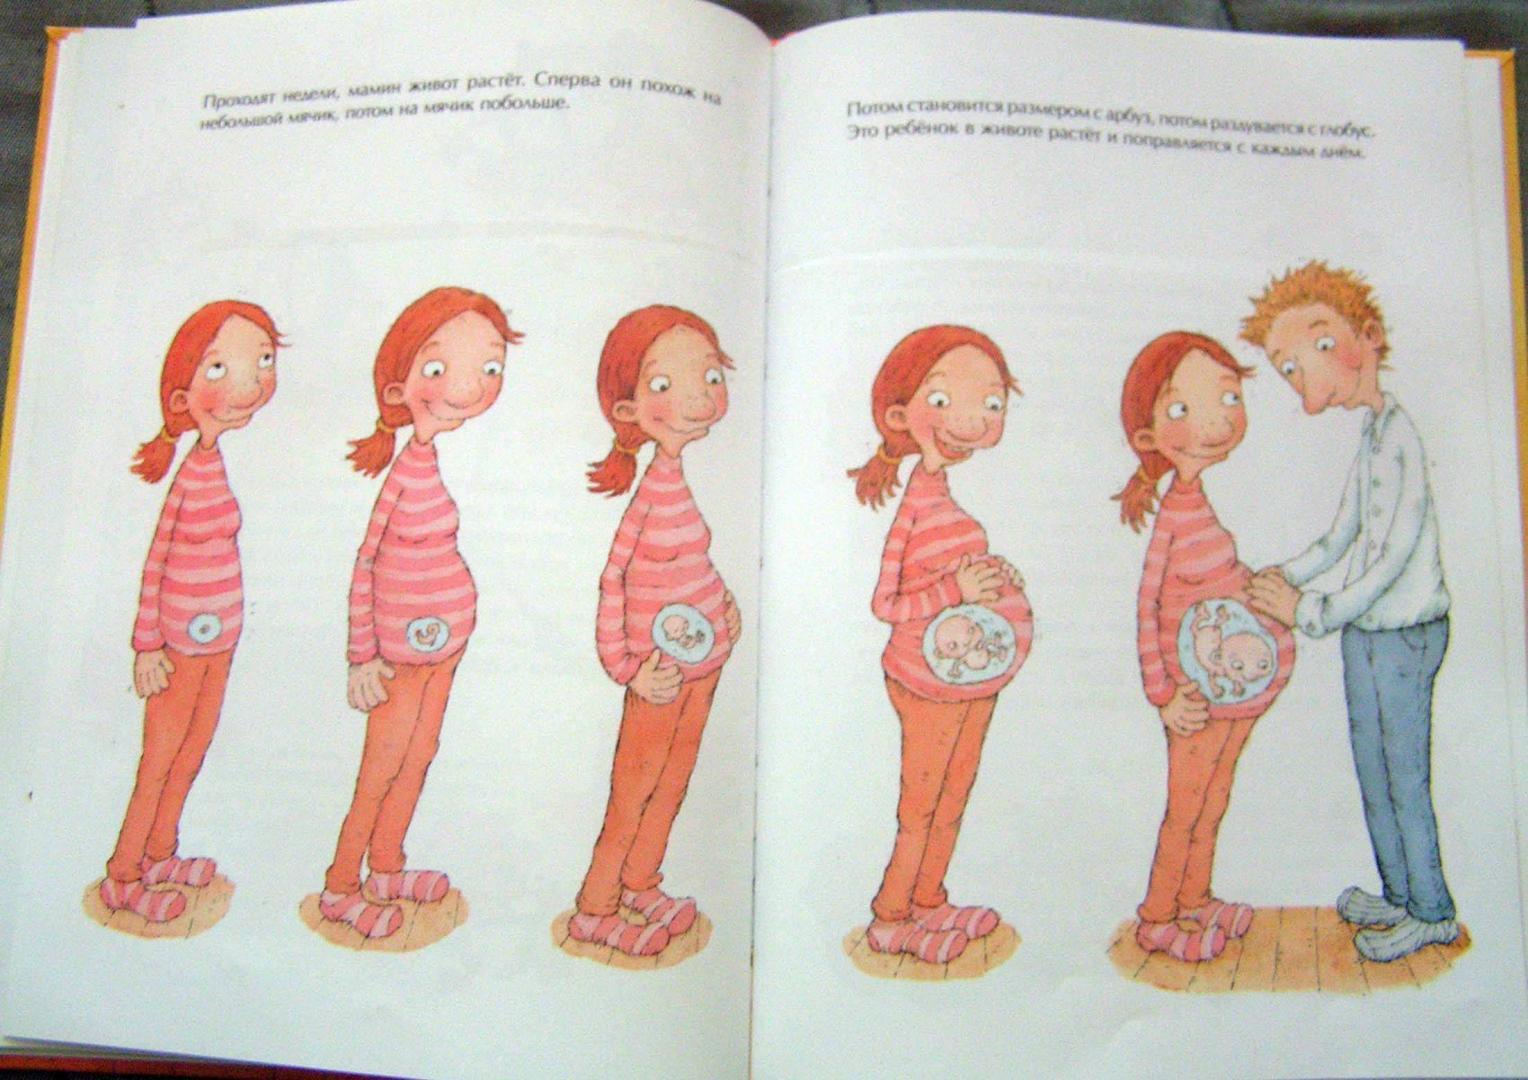 рассказываем картинки как появляются на свет малыши помощью удобно